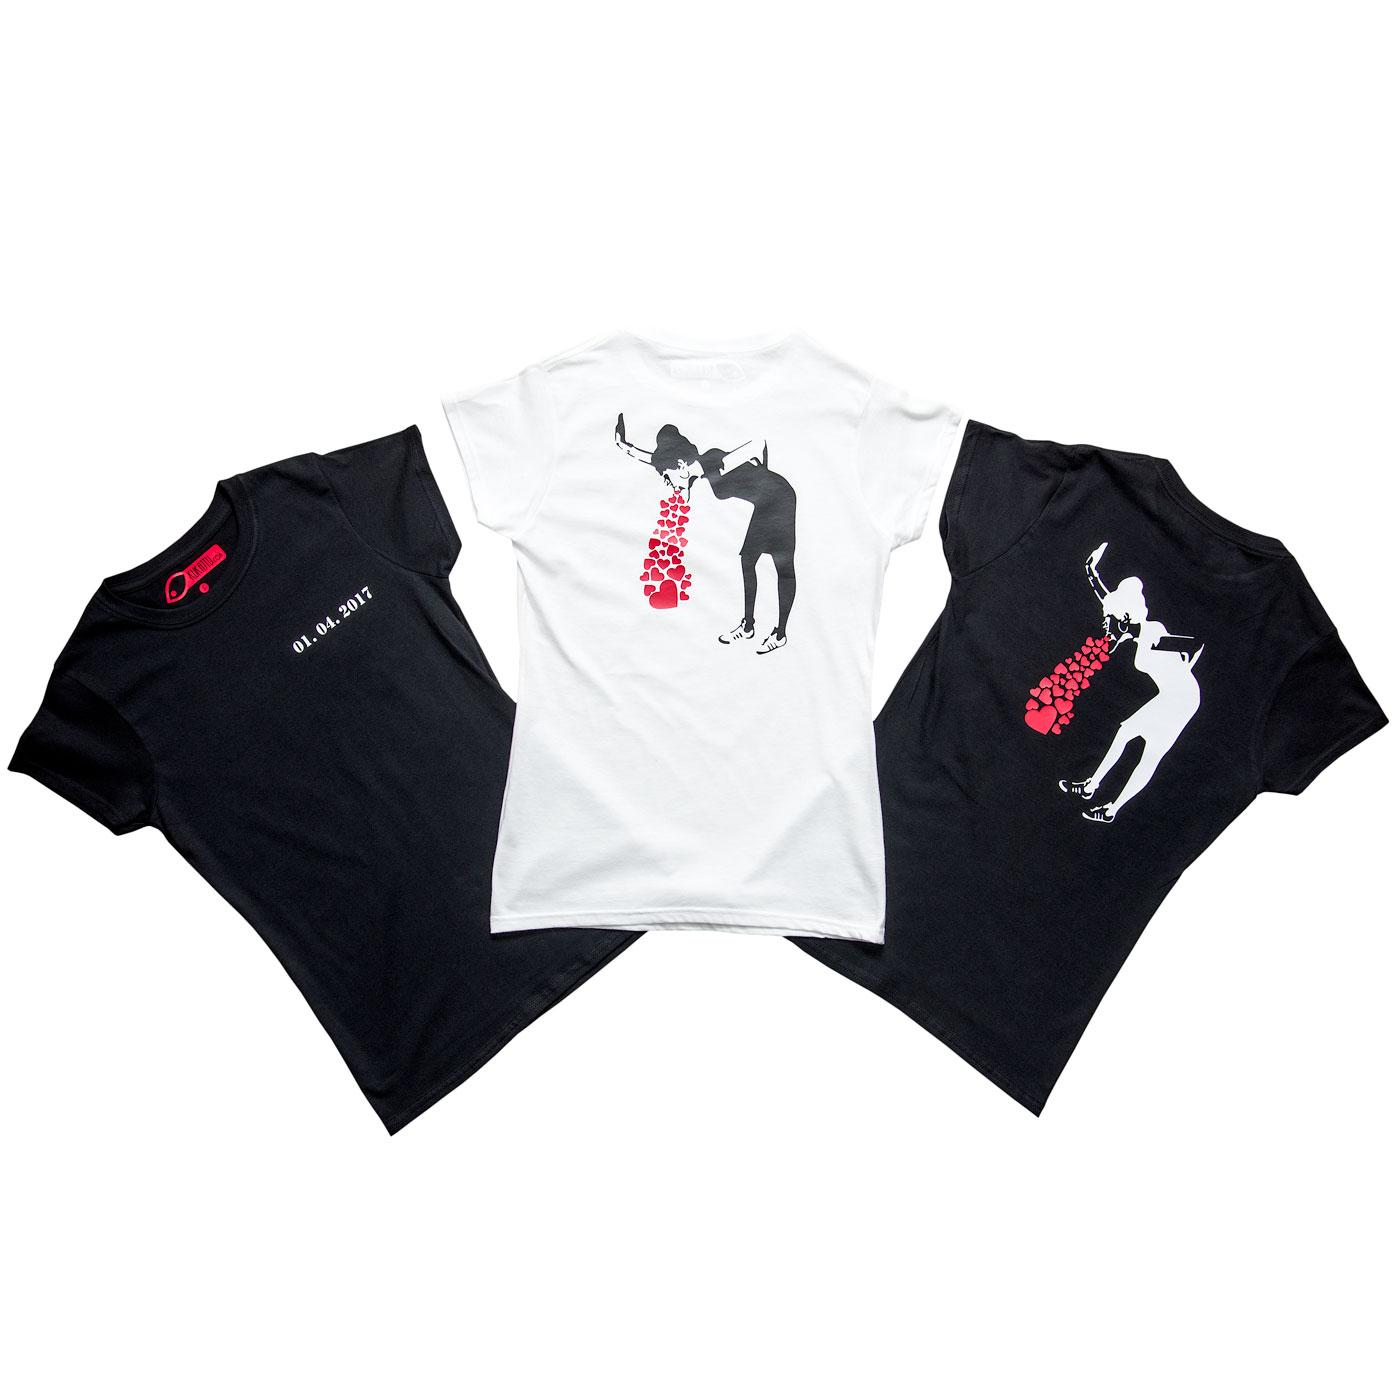 Nevestička a Ženích ♥ - trička na želanie podľa vlastných predstáv - Tričká na rozlúčku so slobodou :)